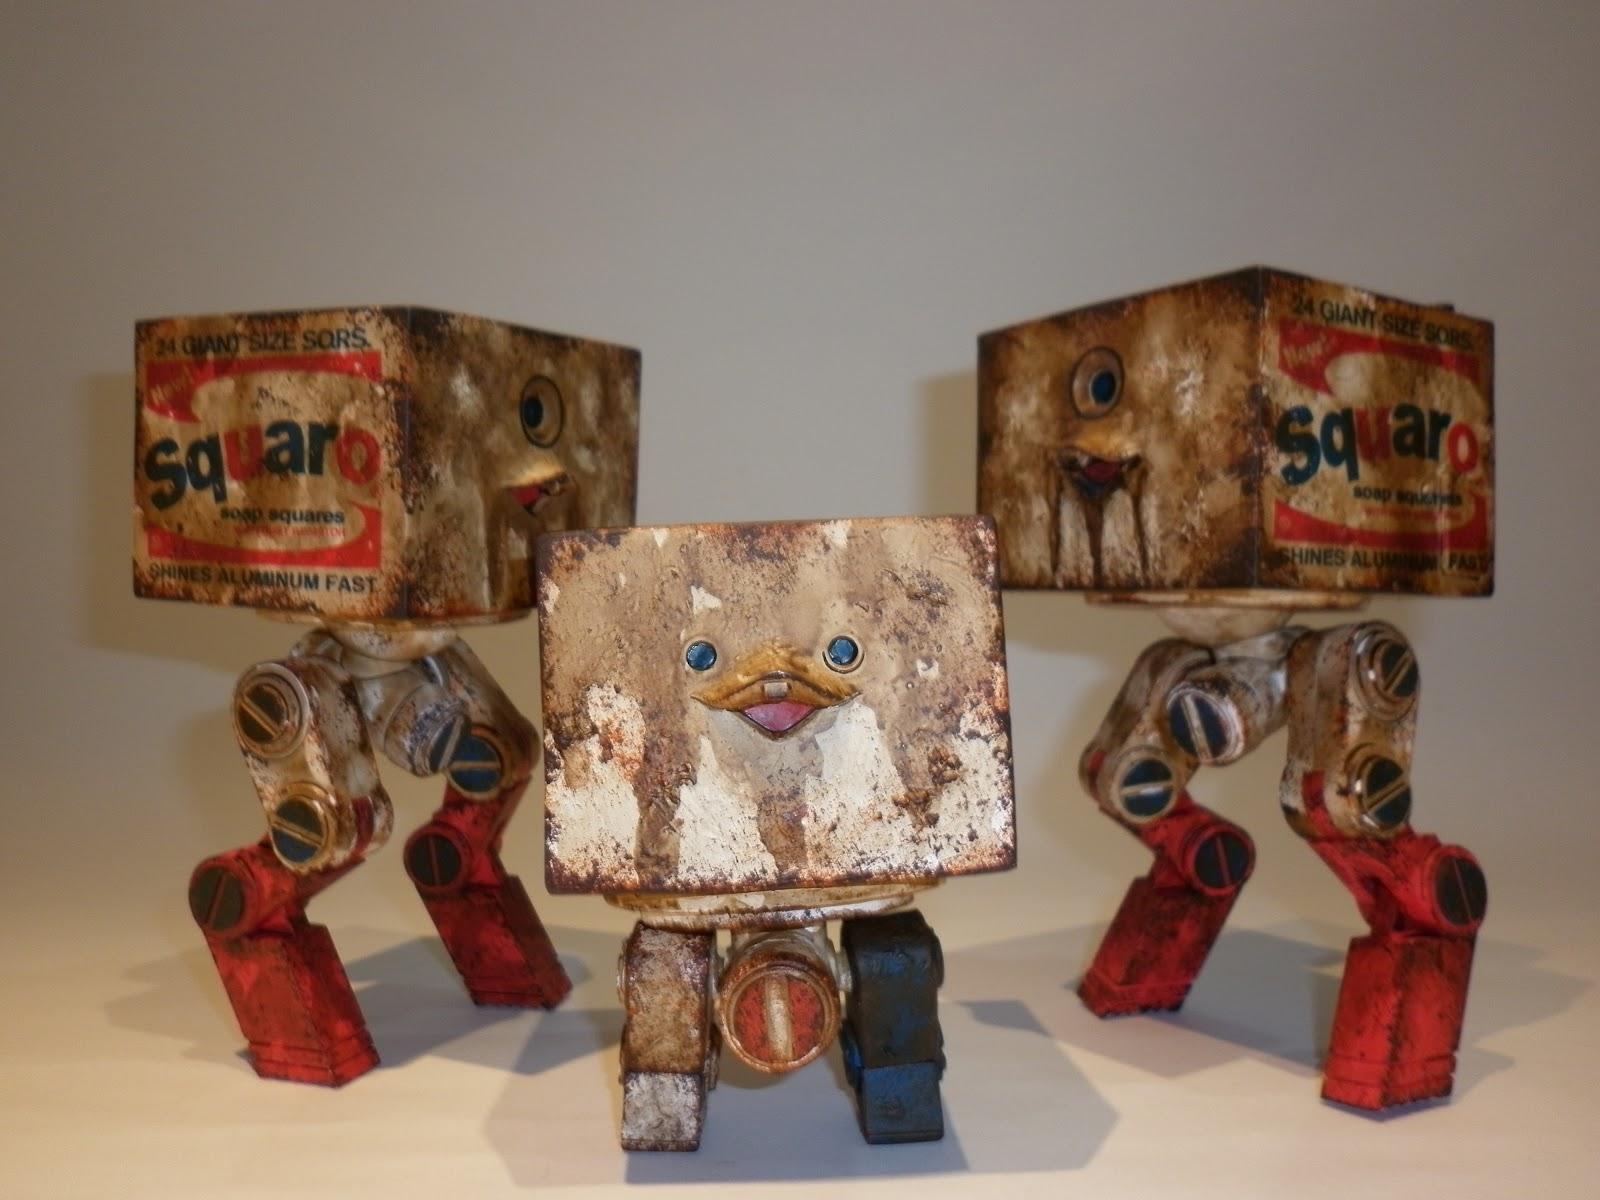 threeA THREEA Ashley Wood WWR Andy The MK2 Square Squaro Brillo Design Toys